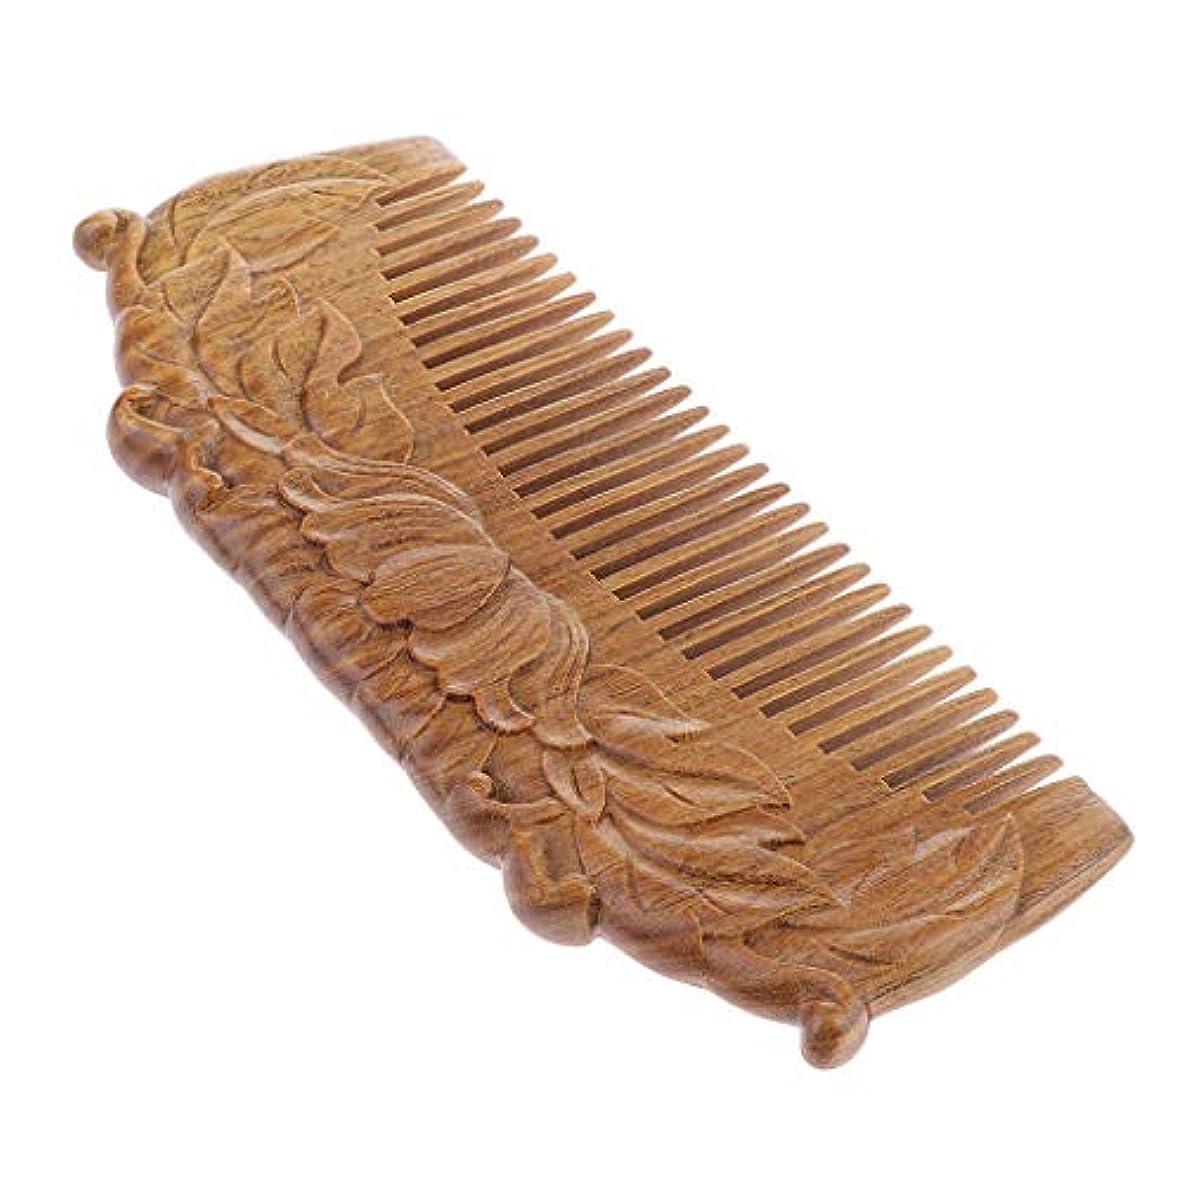 水を飲むマリナー土砂降りサンダルウッド木製くし細かい歯ヘアケアくしツール静的ポケットサイズなし